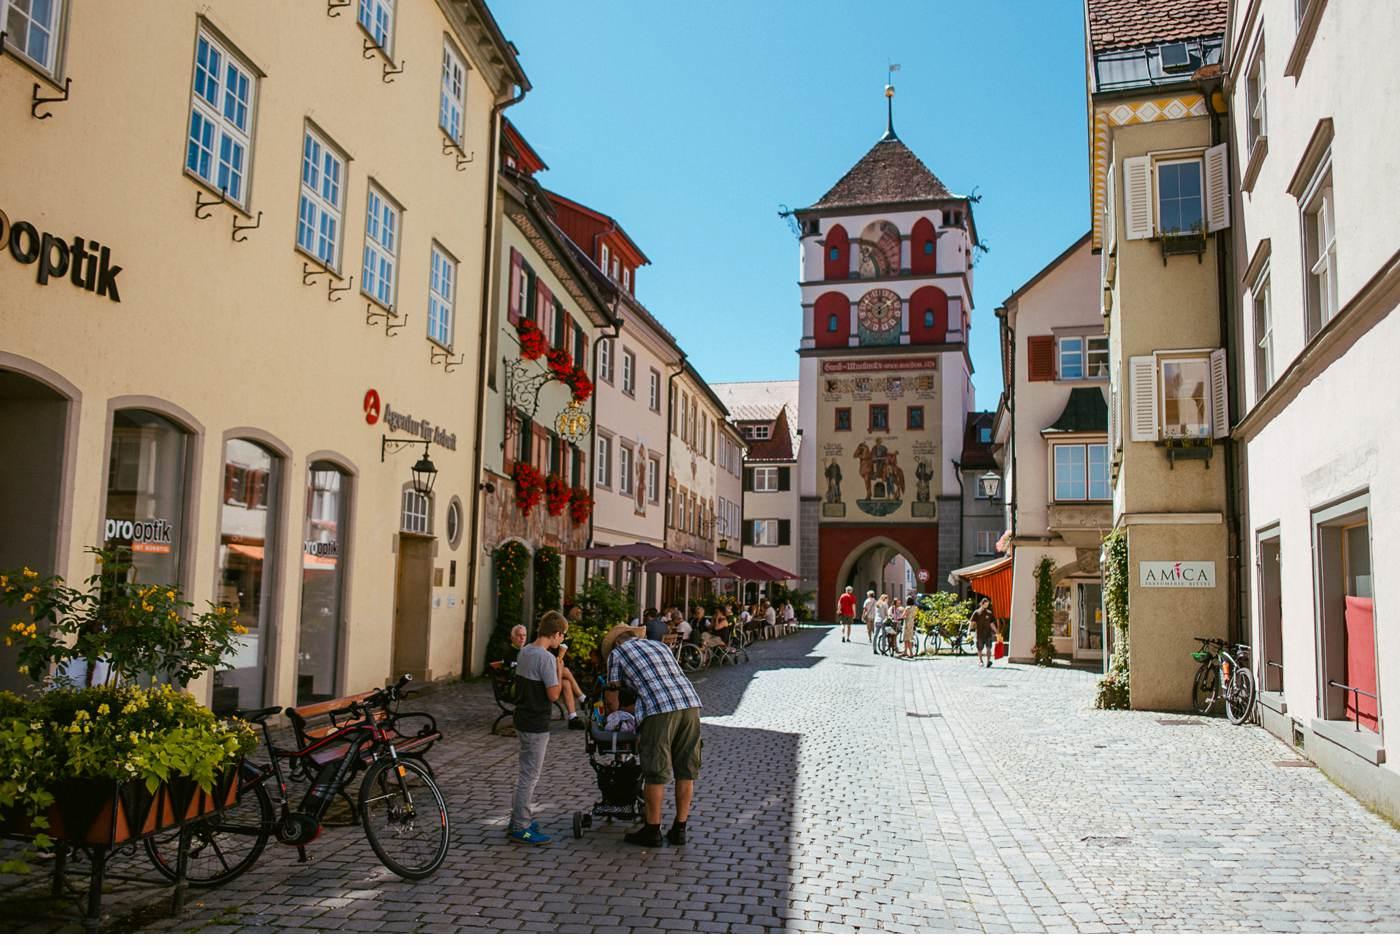 hofgut-duerren-hotel-farny-zwischen-bodensee-und-allgaeu-37-von-77